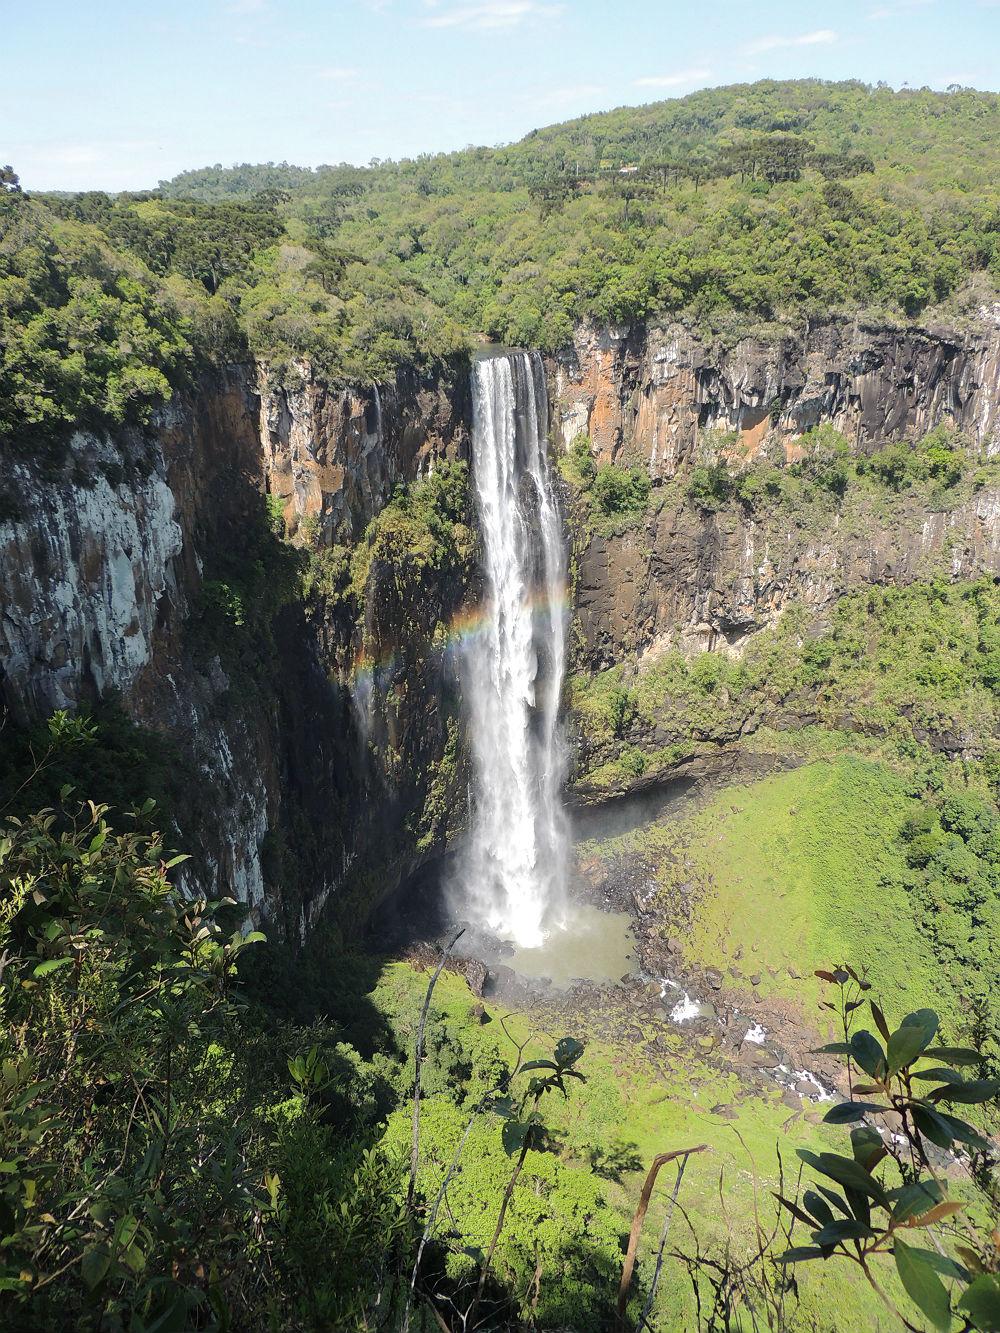 prudentopolis_a_verdadeira_terra_das_cachoeiras_gigantes1